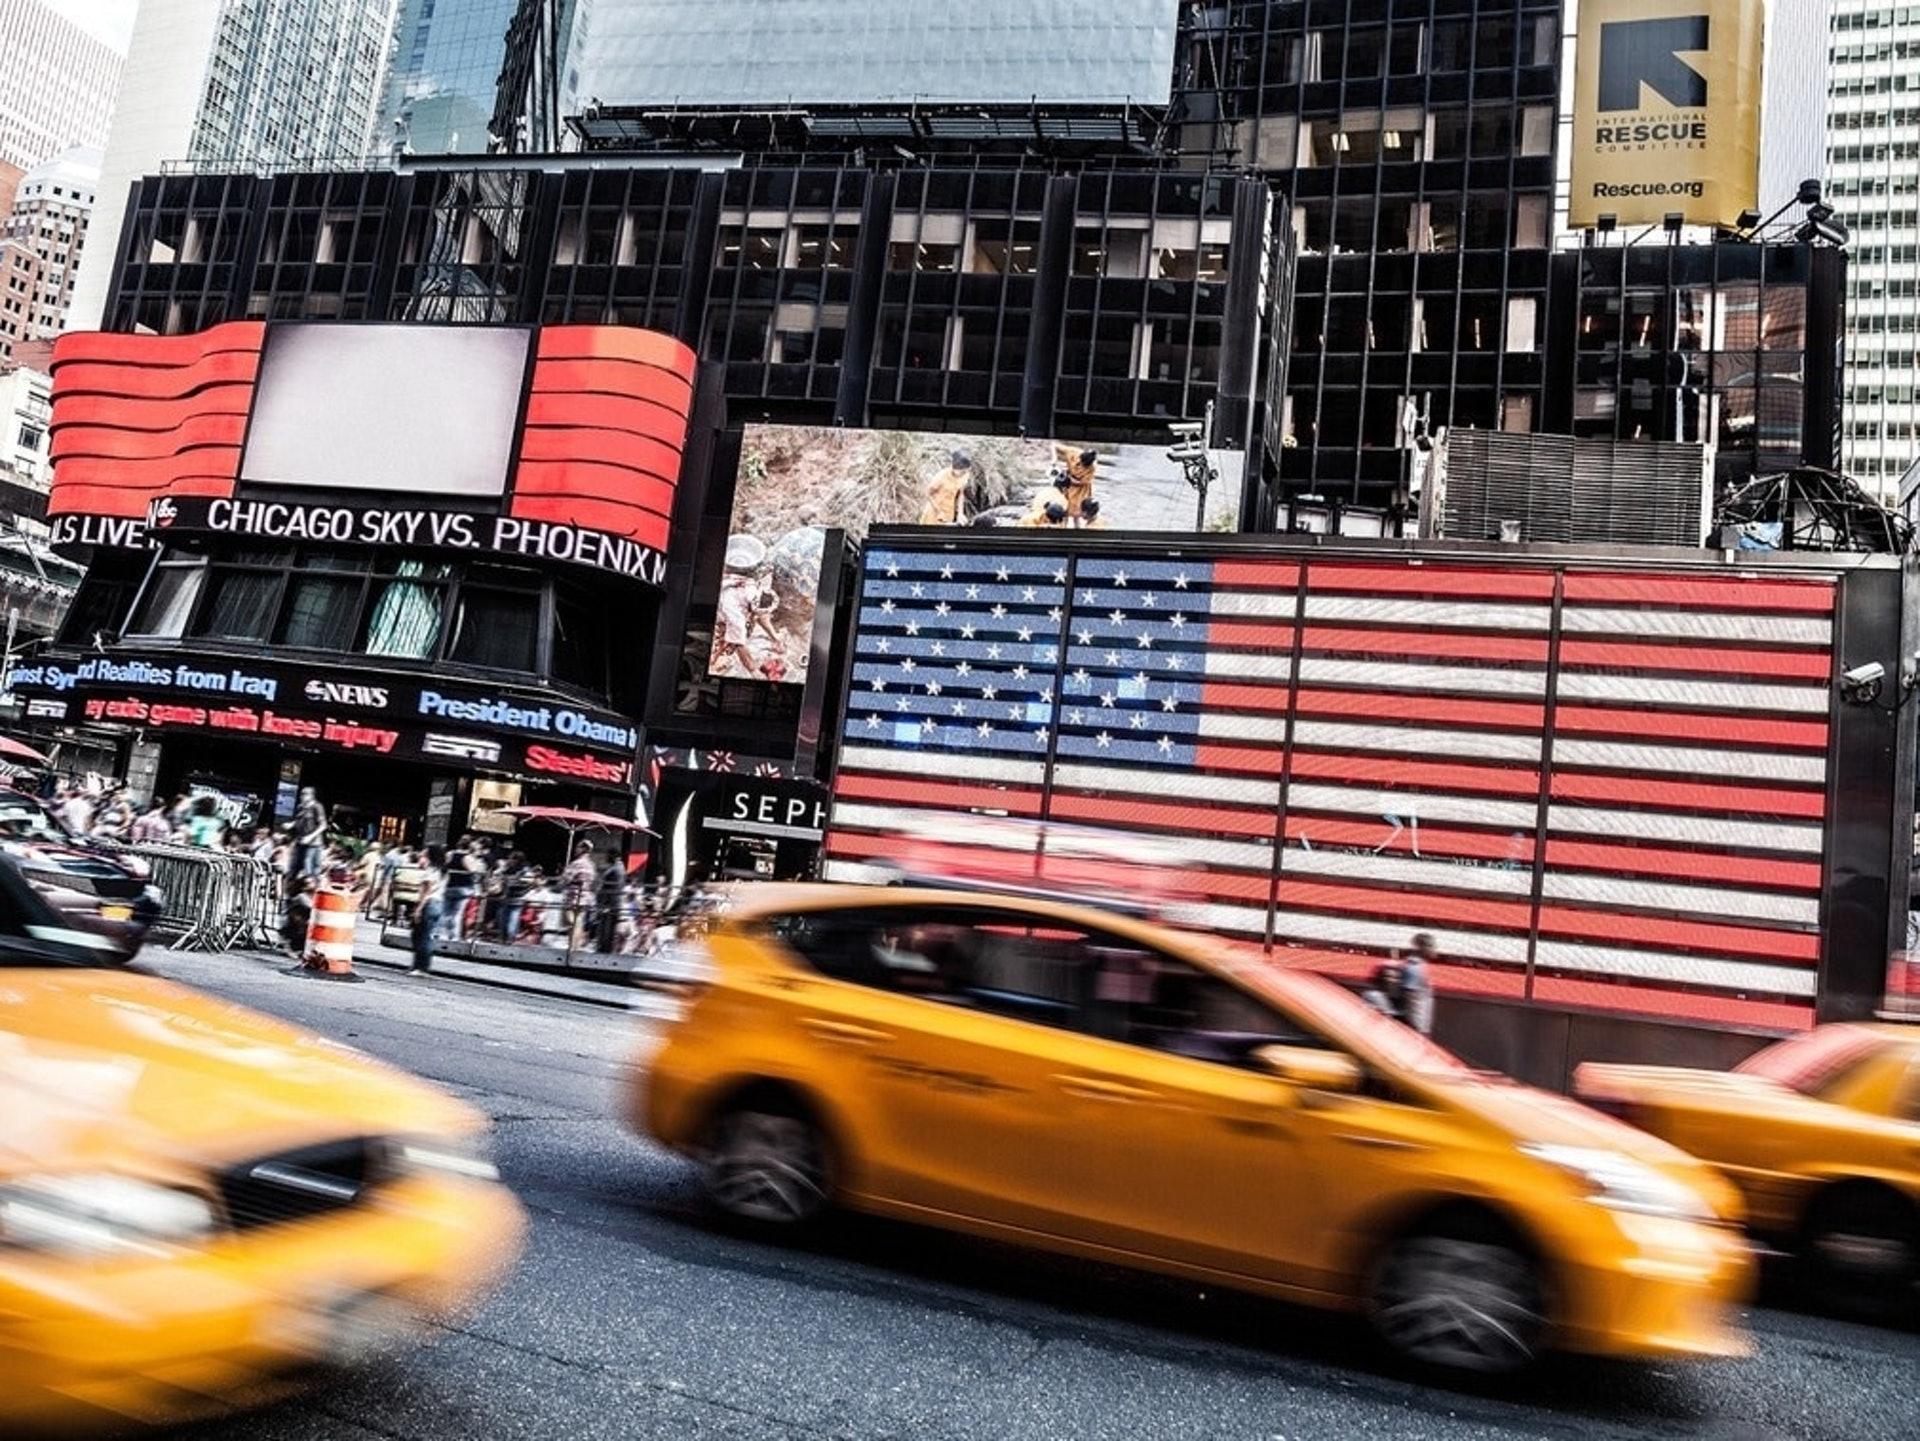 美国国会预算办公室预计,2020财年(2019年10月1日至2020年9月30日)联邦预算赤字将达3.3万亿美元,是2019财年的三倍多。 。 ﹙资料图片﹚